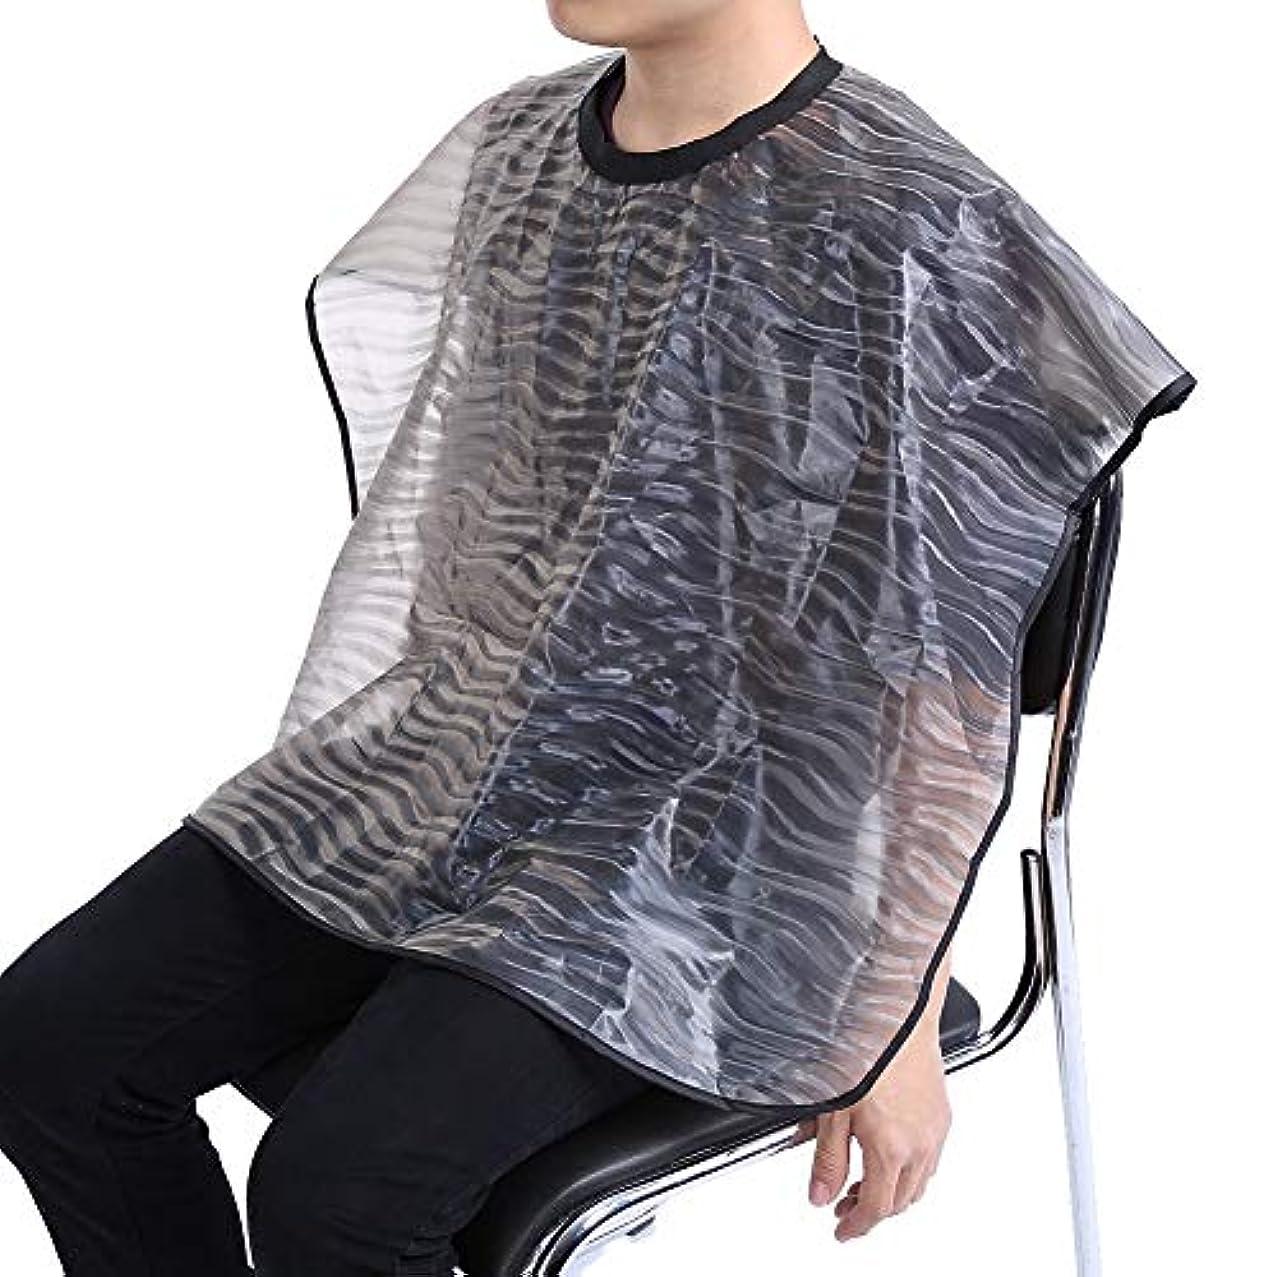 分析する梨動脈2サイズ 防水 再利用可能 サロン 理髪布 耐久 ヘアスタイリスト ガウンバーバーケープ(01)